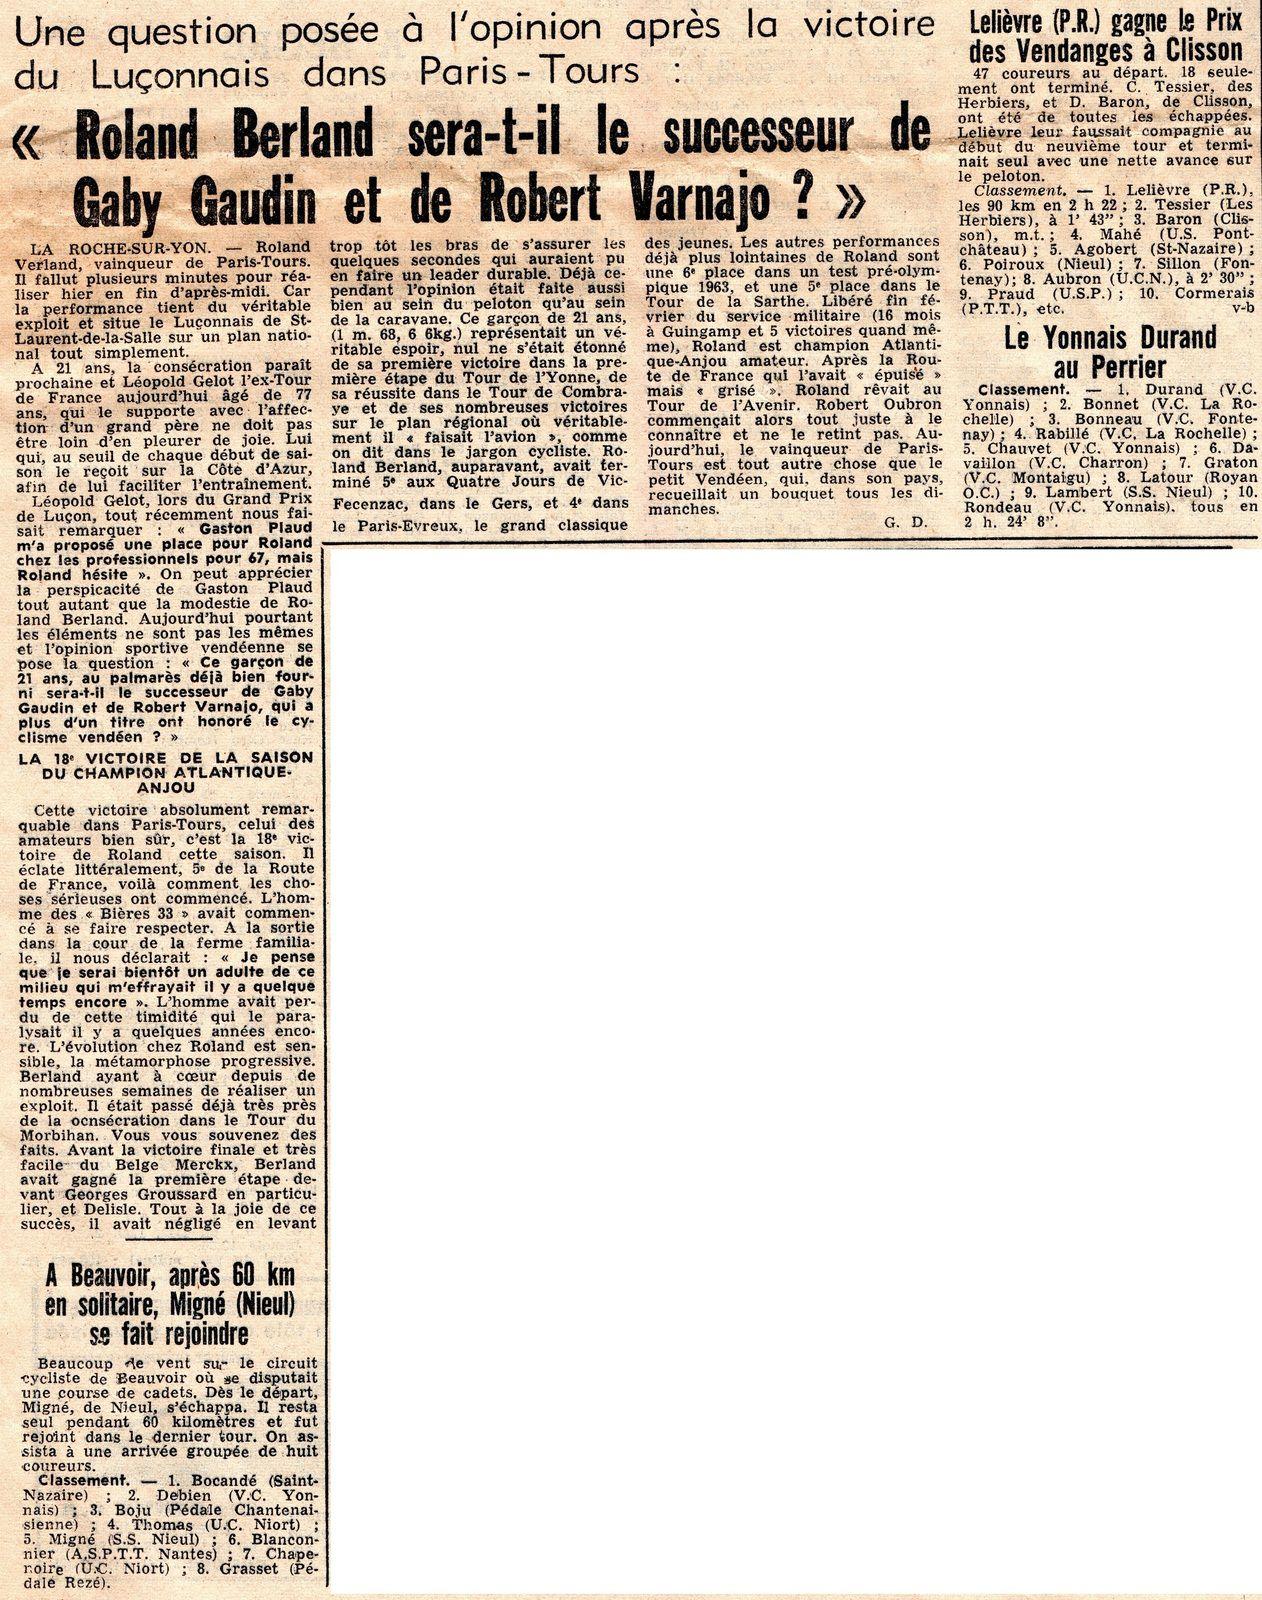 Roland Berland, en 1966 et 1967, en amateur gagnait 22 courses par an.